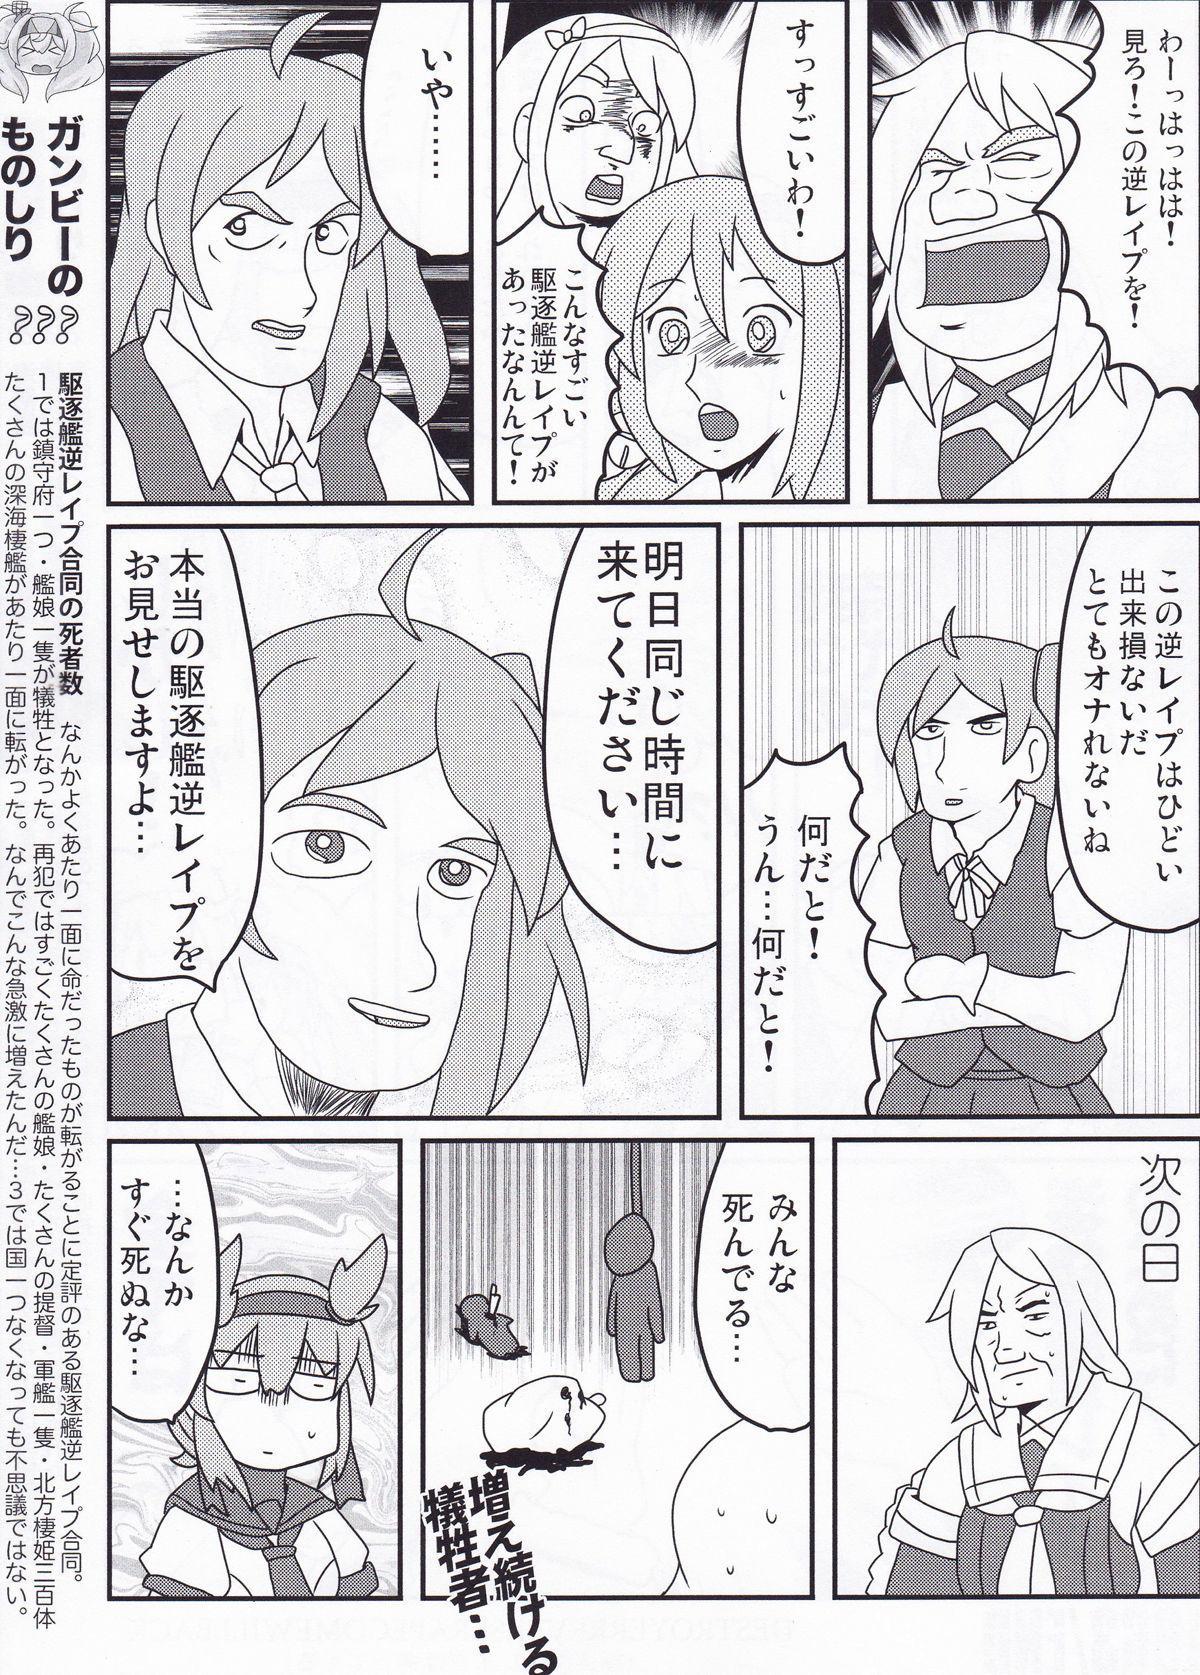 Kuchikukan Gyaku Rape Goudou 3 Ruihan 95